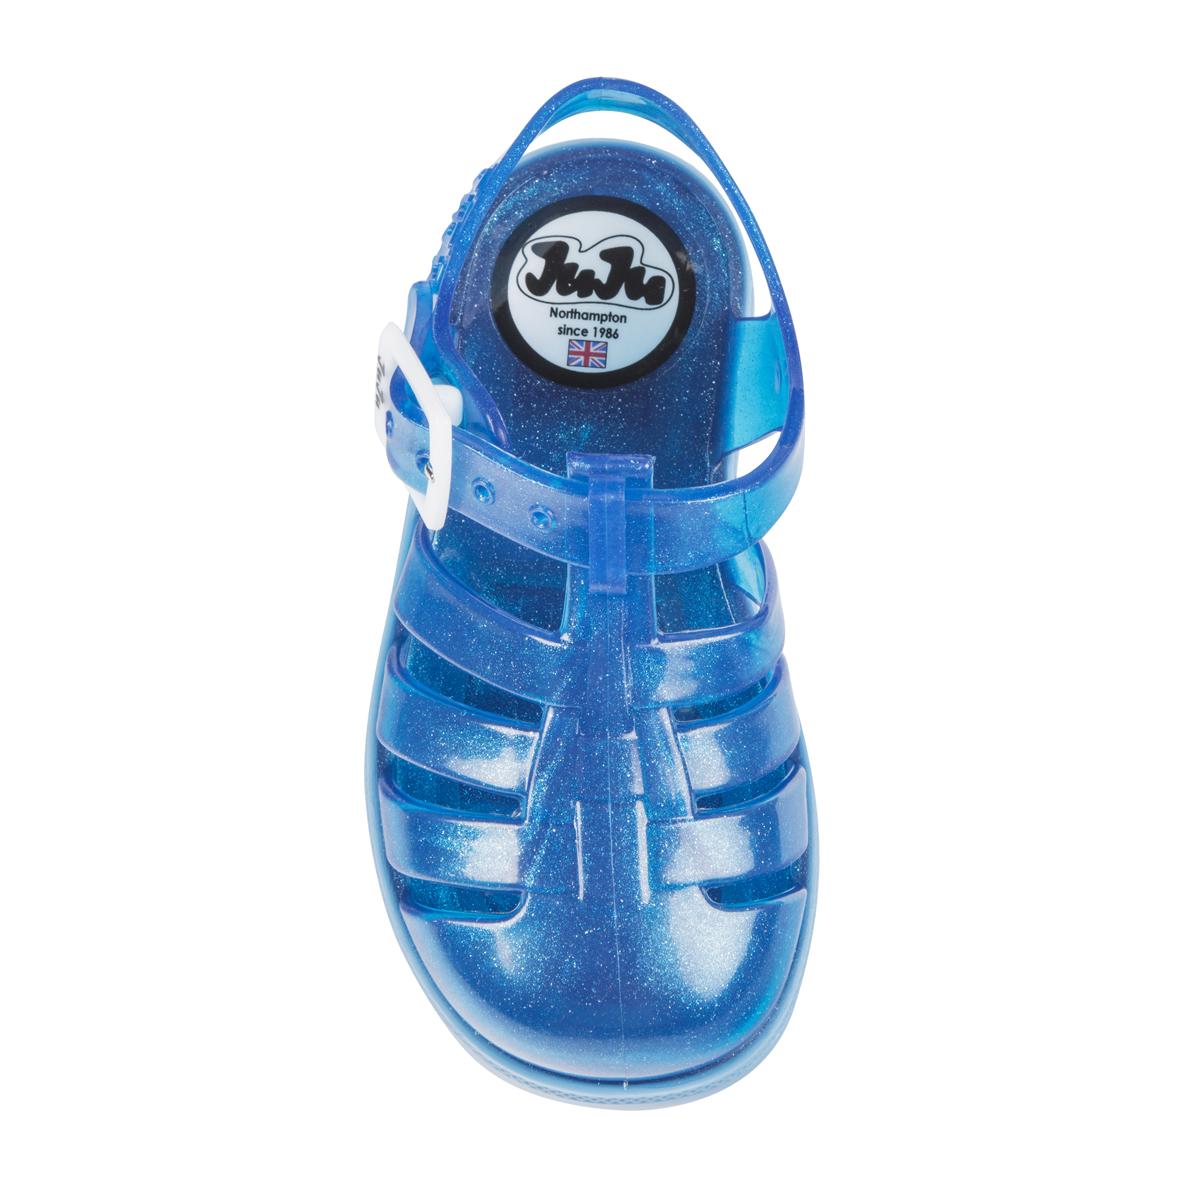 NINO DENIM BLUE SPARKLES.DENIM BLUE LR #2.jpg